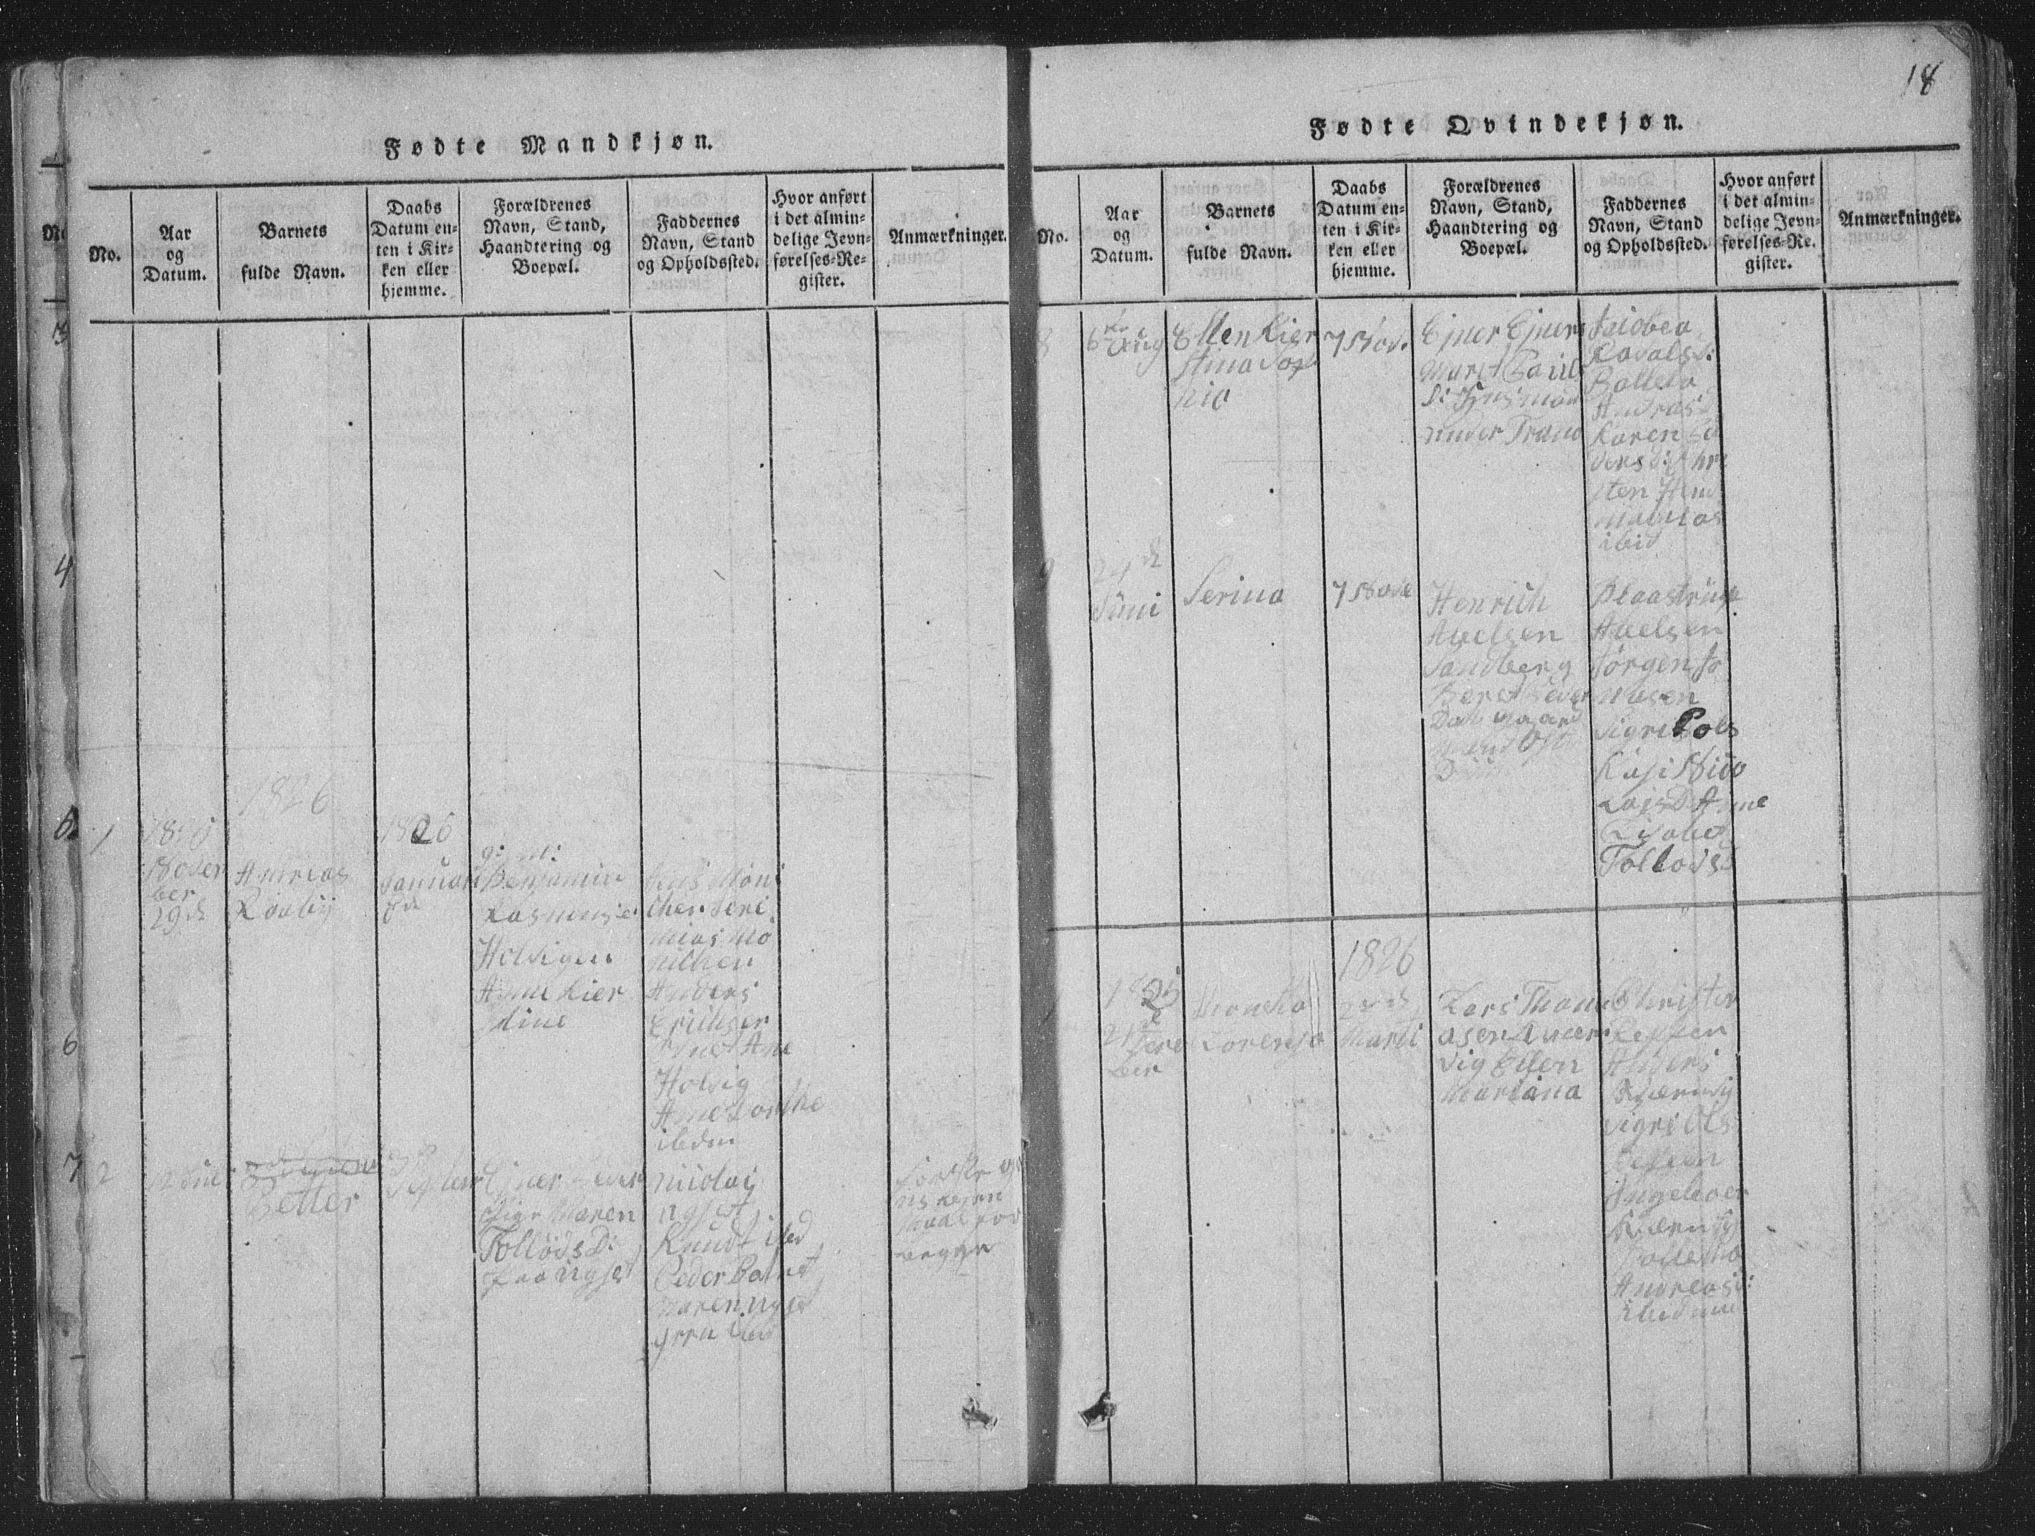 SAT, Ministerialprotokoller, klokkerbøker og fødselsregistre - Nord-Trøndelag, 773/L0613: Ministerialbok nr. 773A04, 1815-1845, s. 18